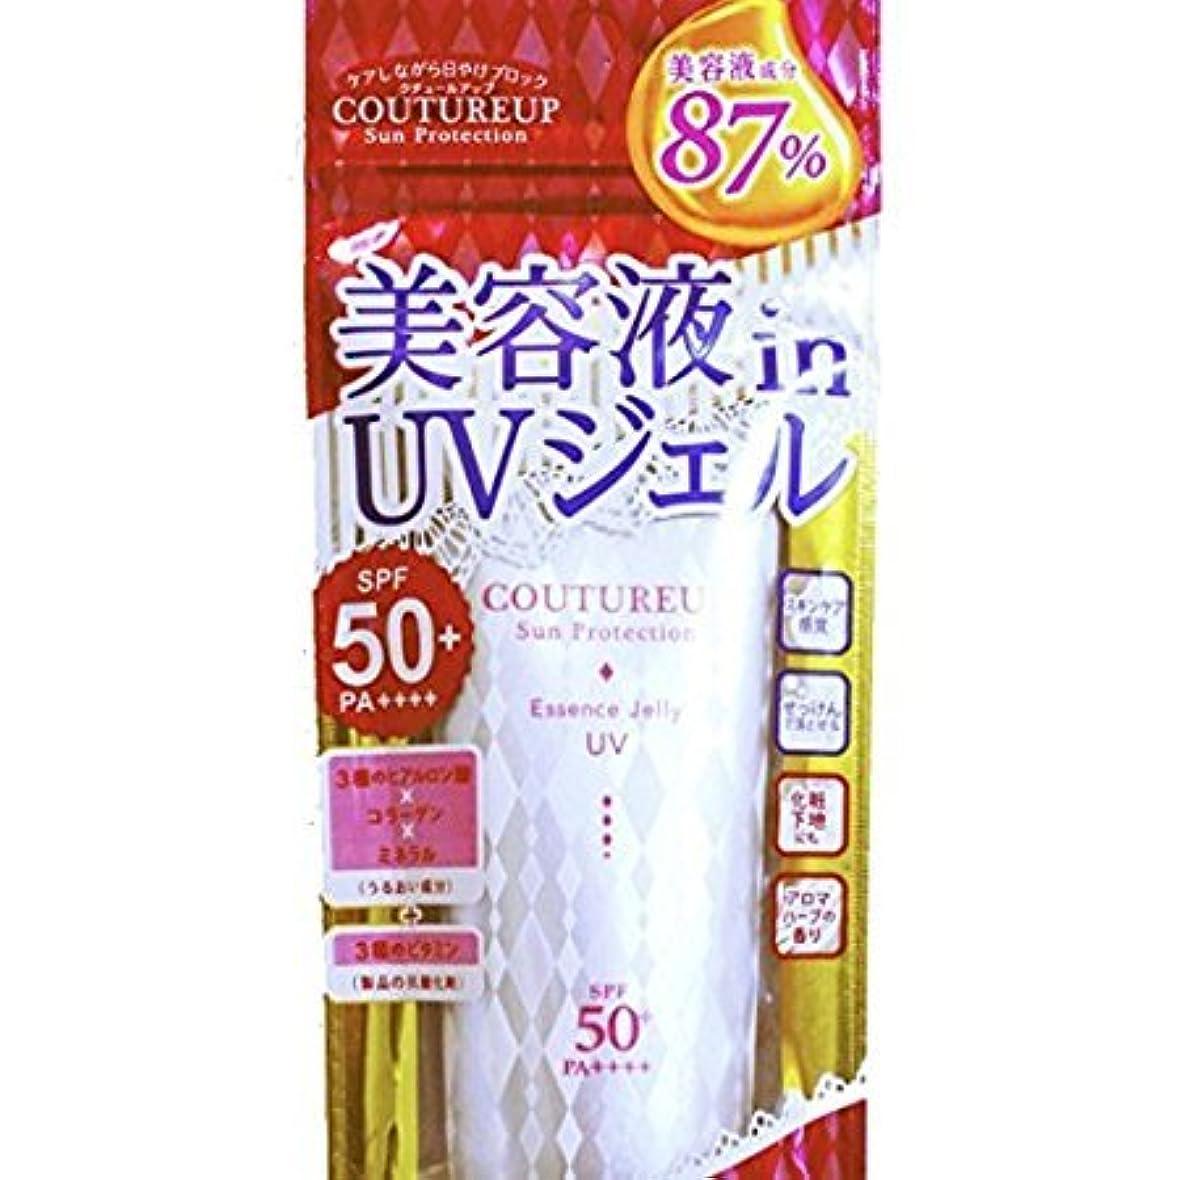 真実正確な落ち込んでいる美容液 in UVジェル SPF50+/PA++++ 65g 美容液成分87% 日焼け止め&化粧下地